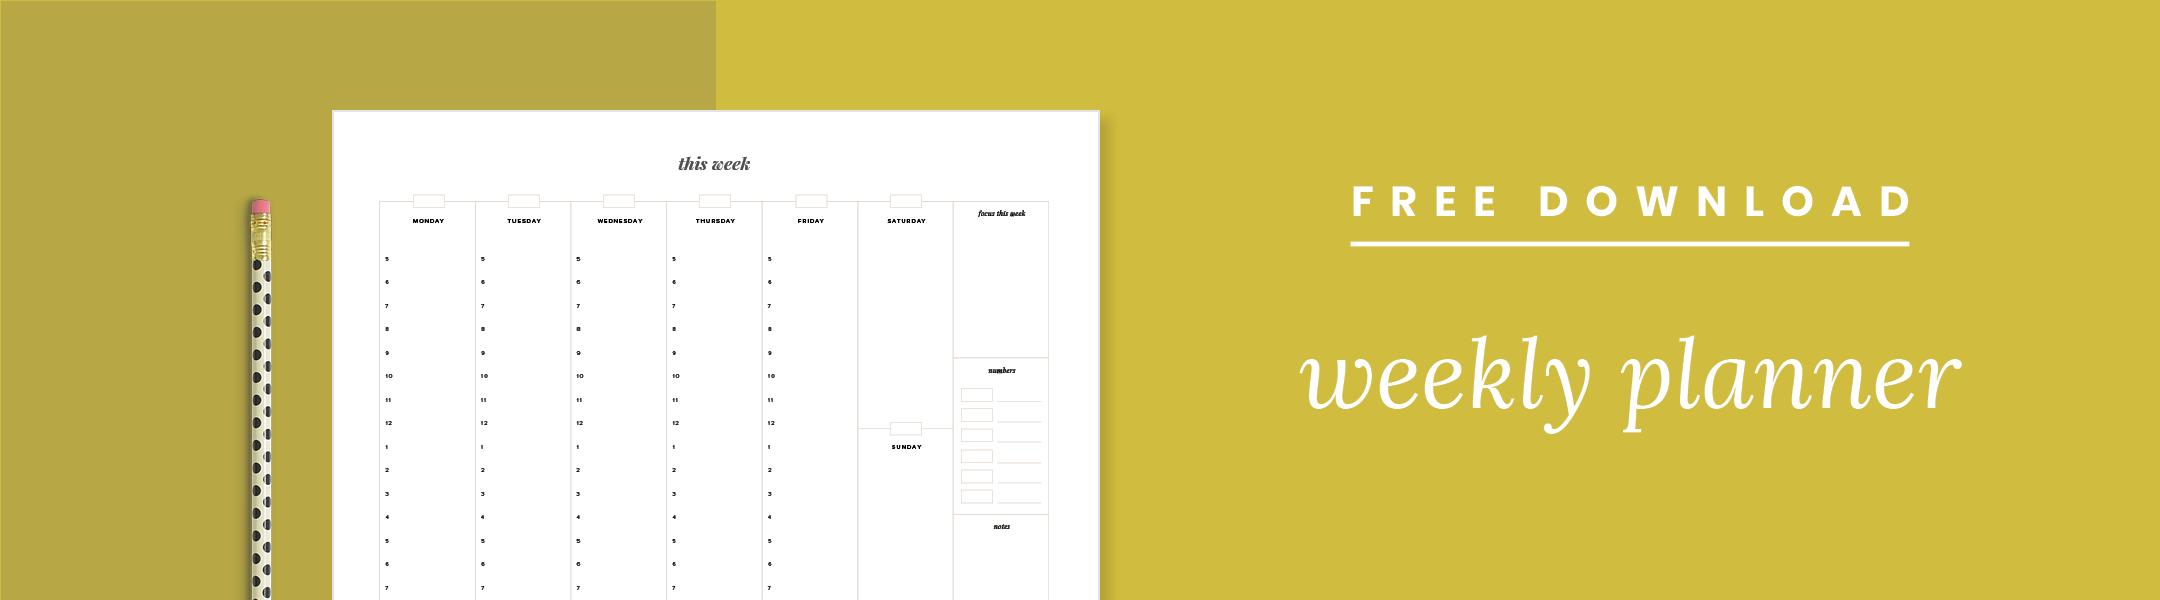 weeklyplanner.jpg